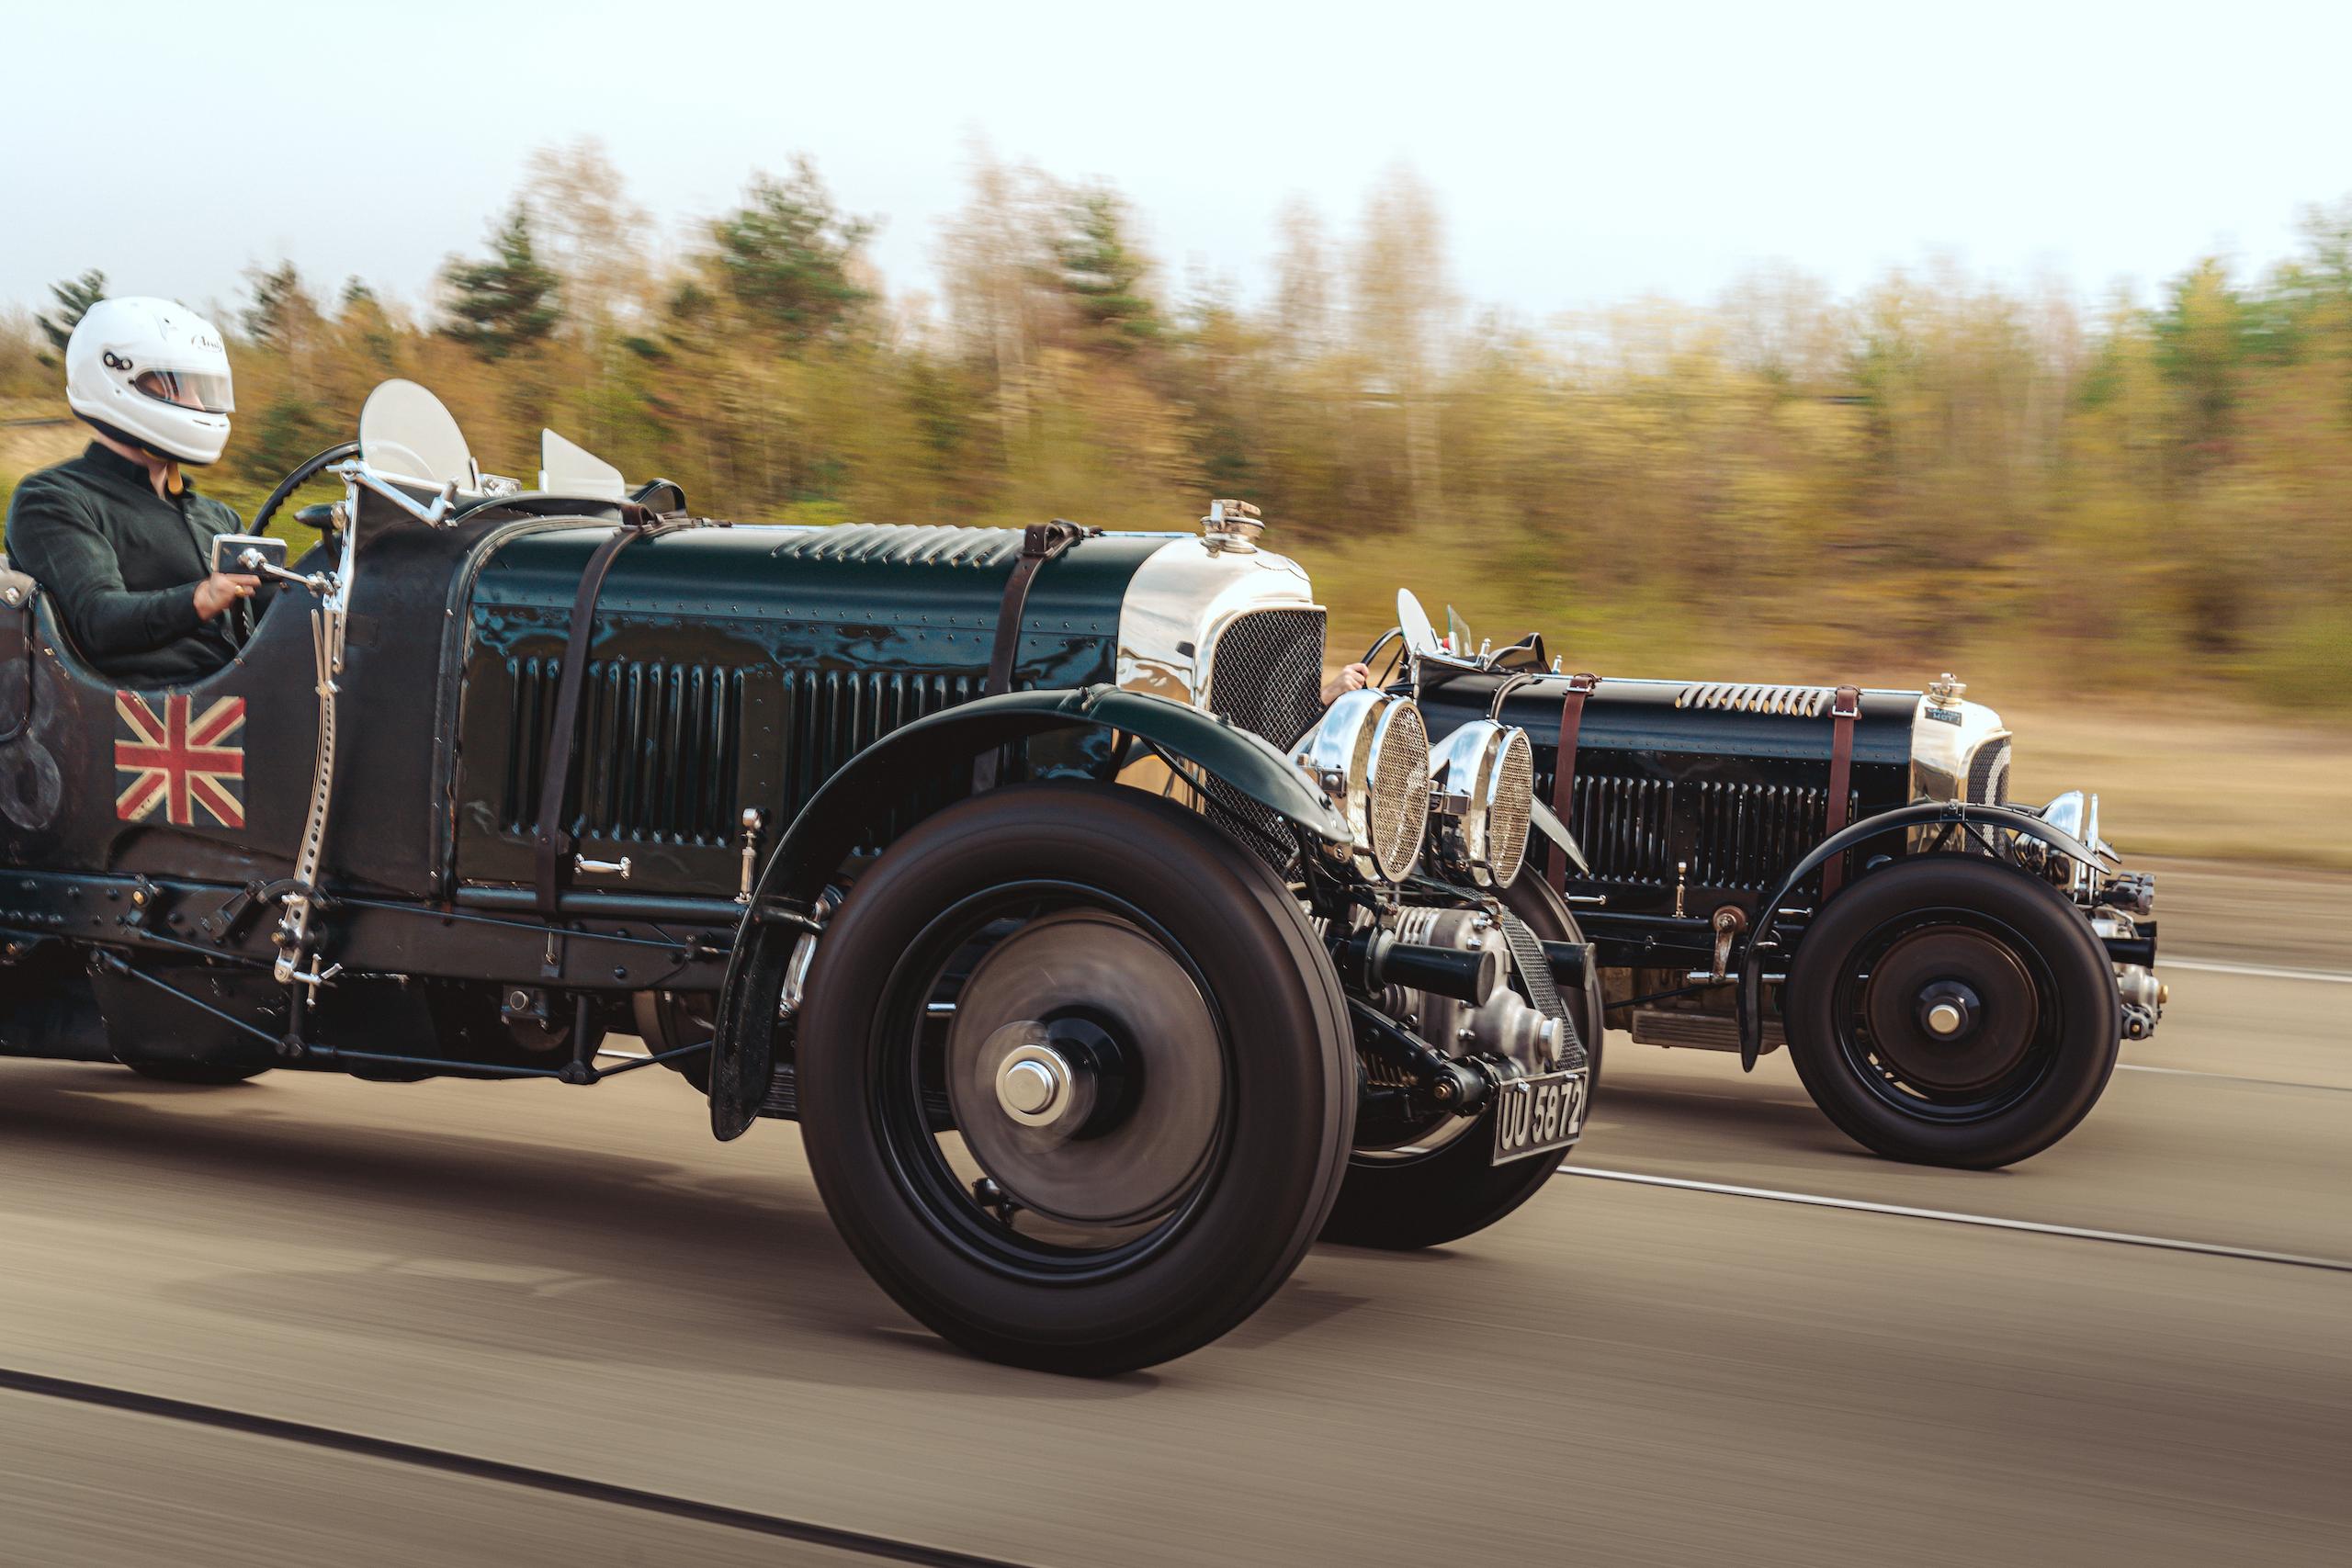 Blower Bentley racing action